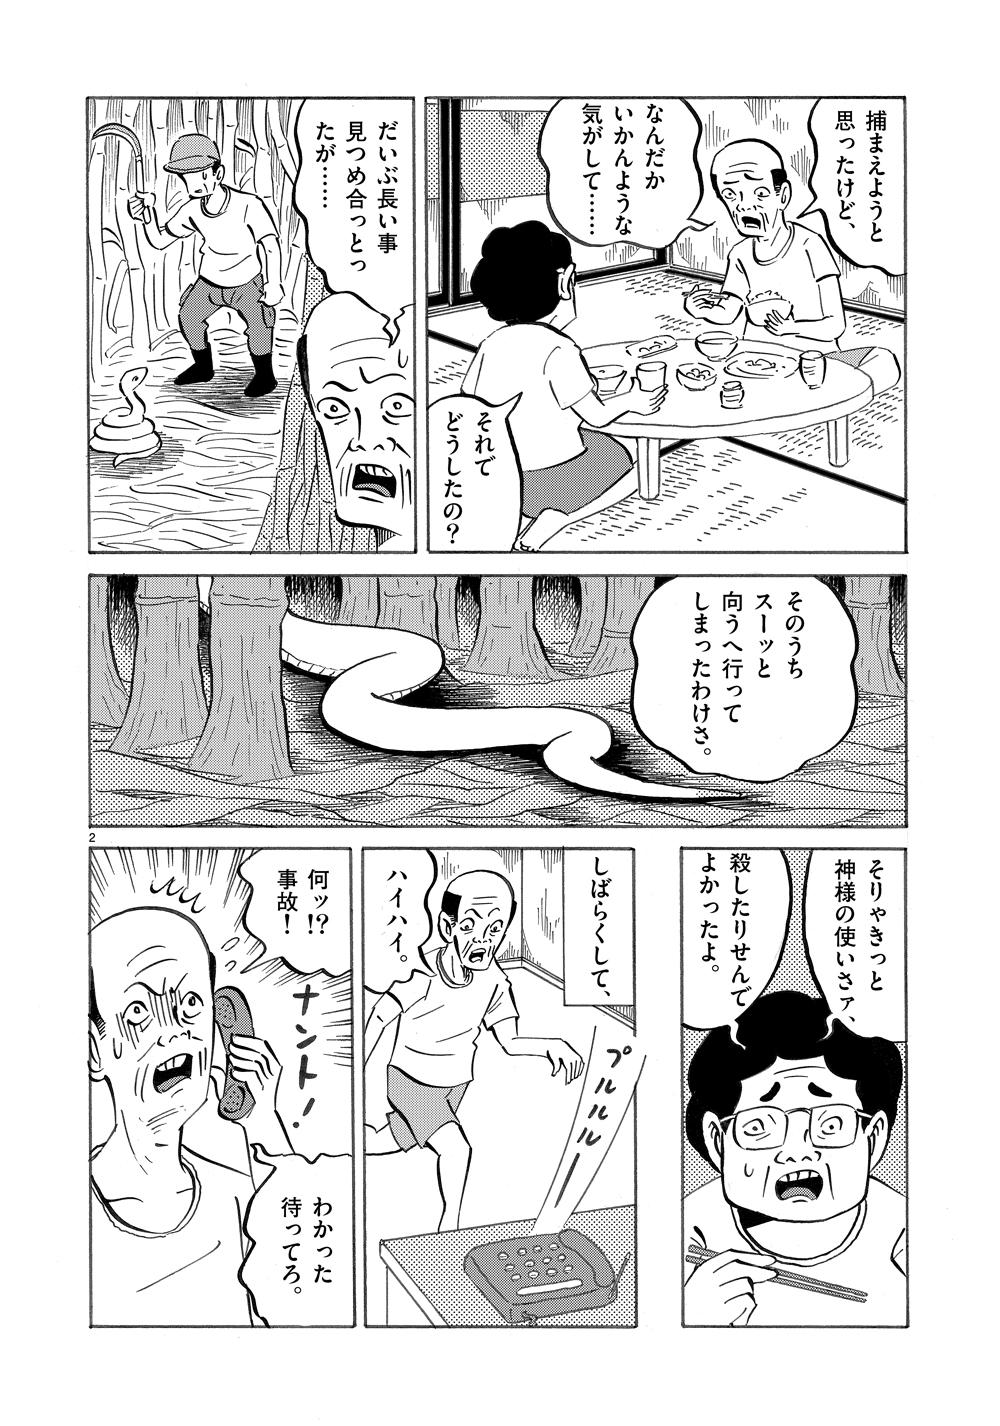 琉球怪談 【第8話】WEB掲載2ページ目画像